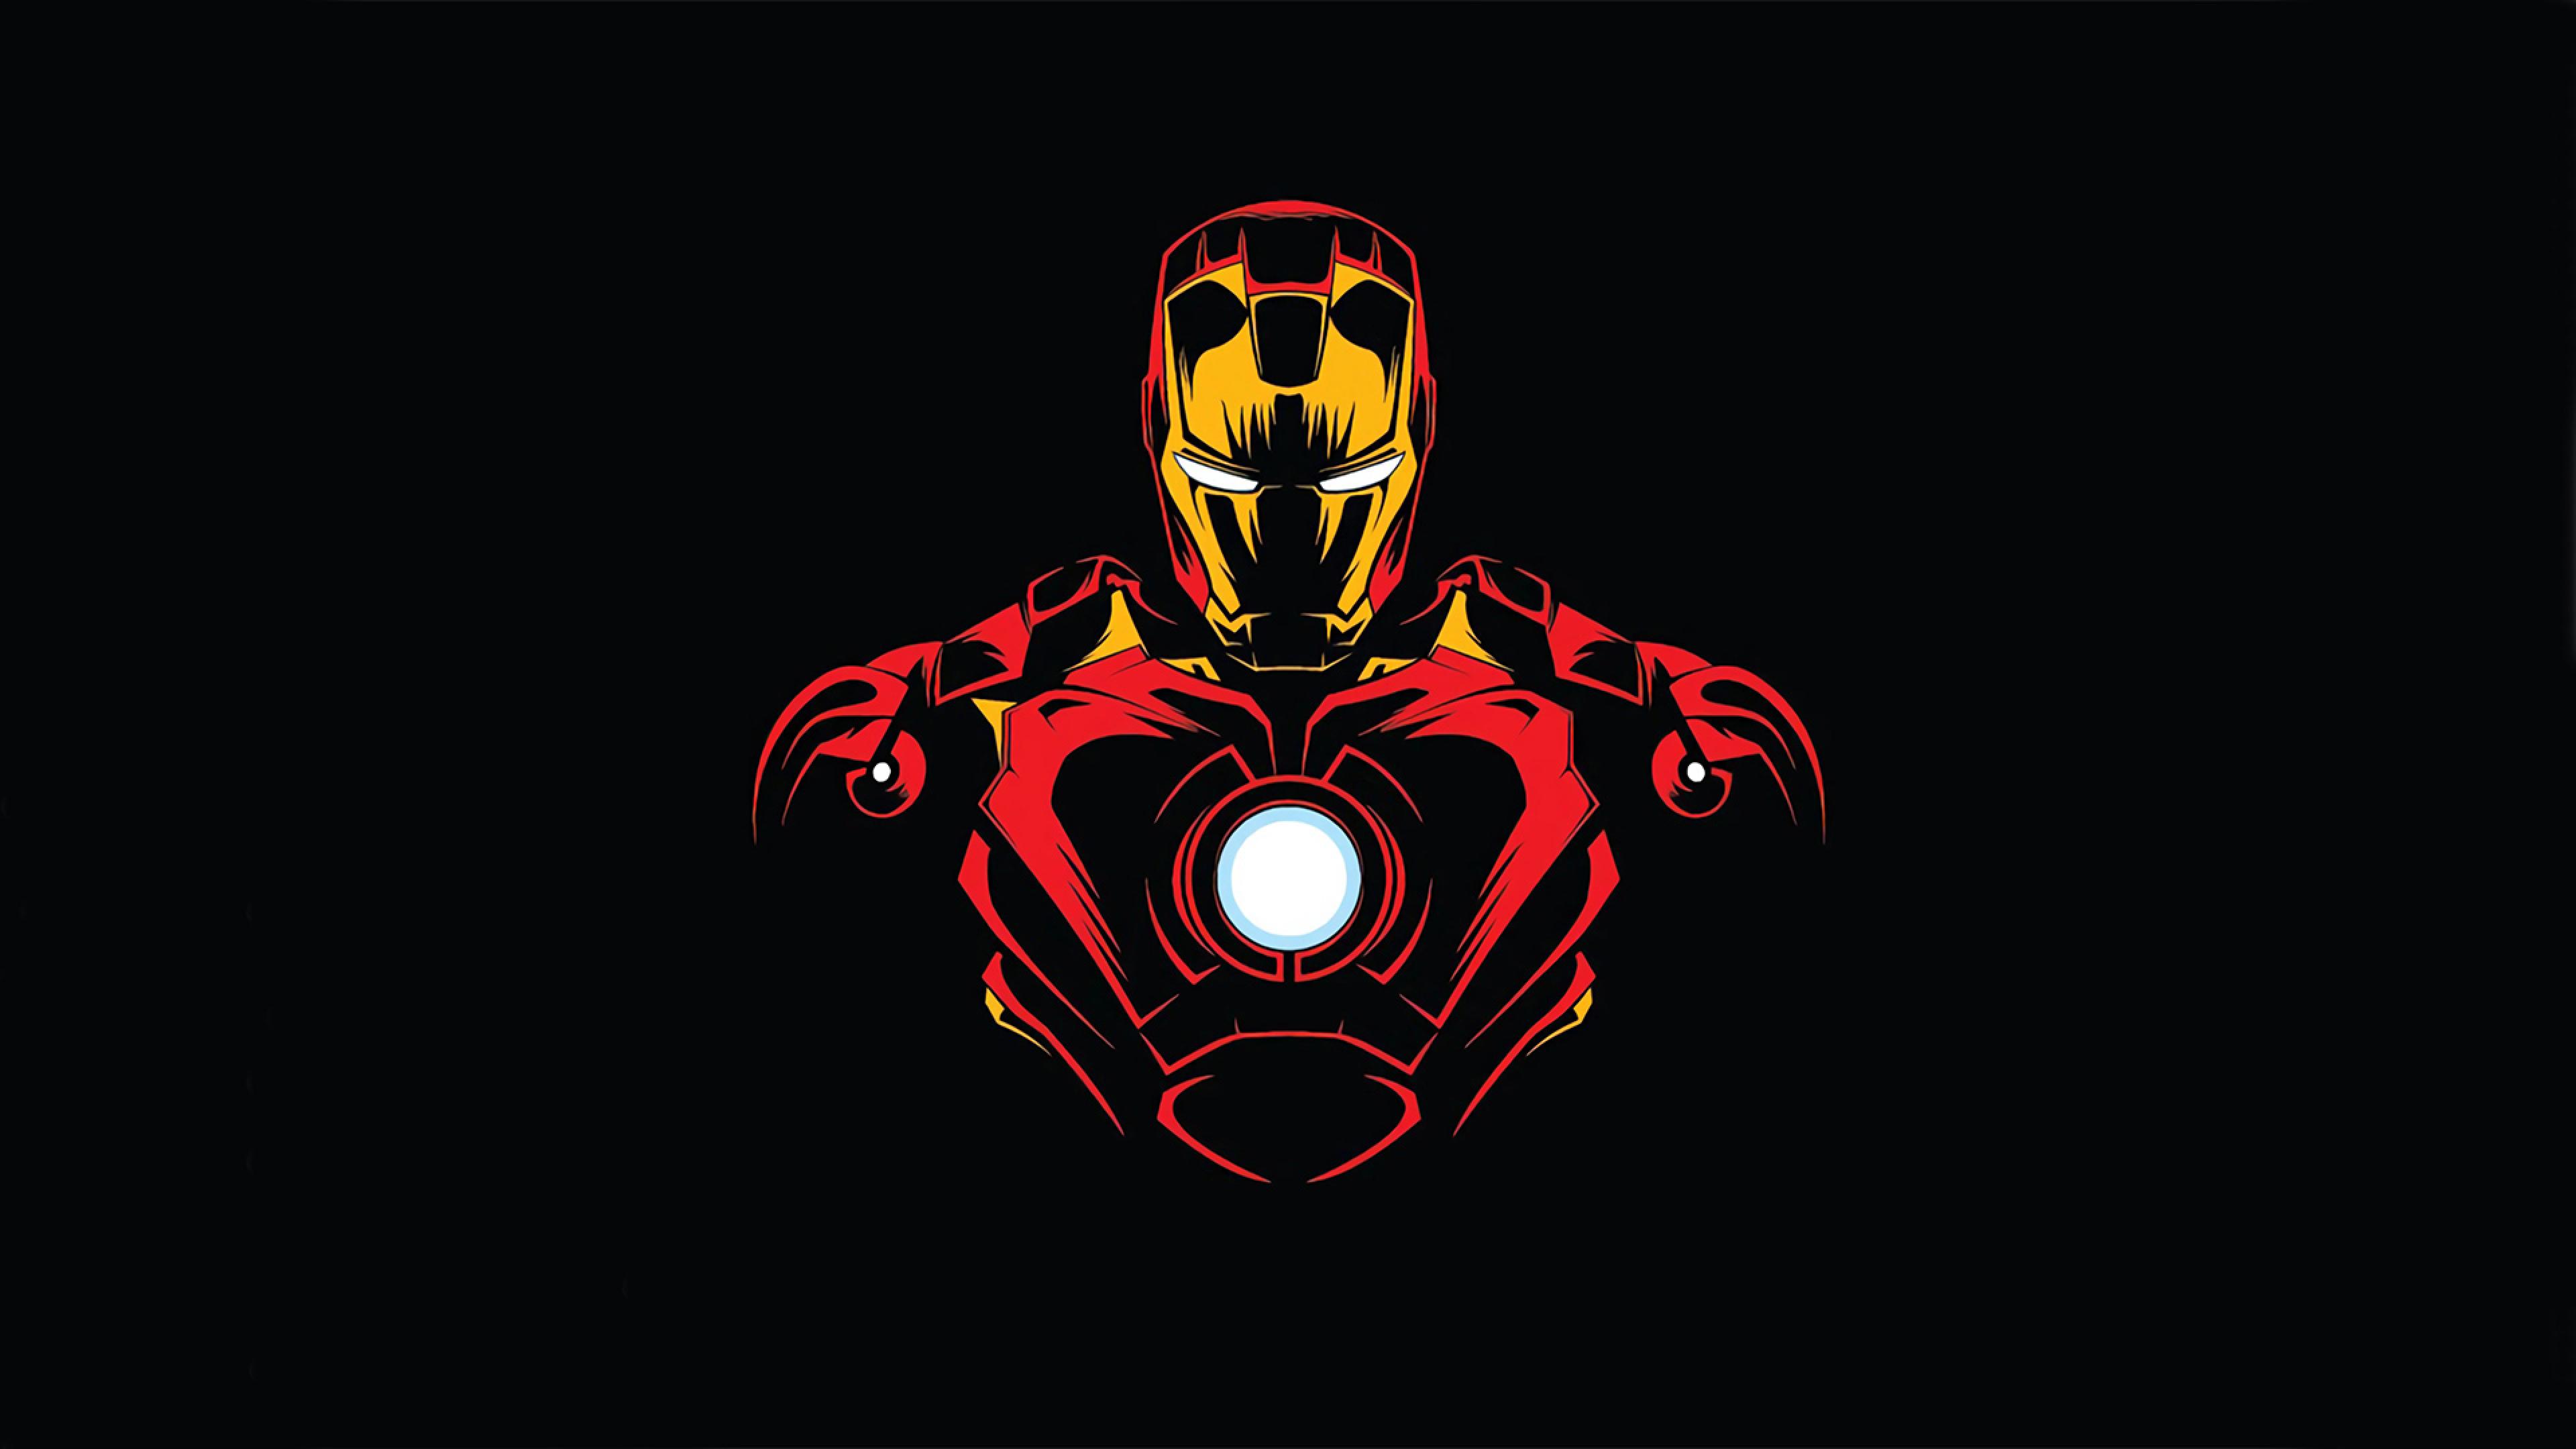 3840x2160 Iron Man Minimalist 4k Wallpaper Hd Superheroes